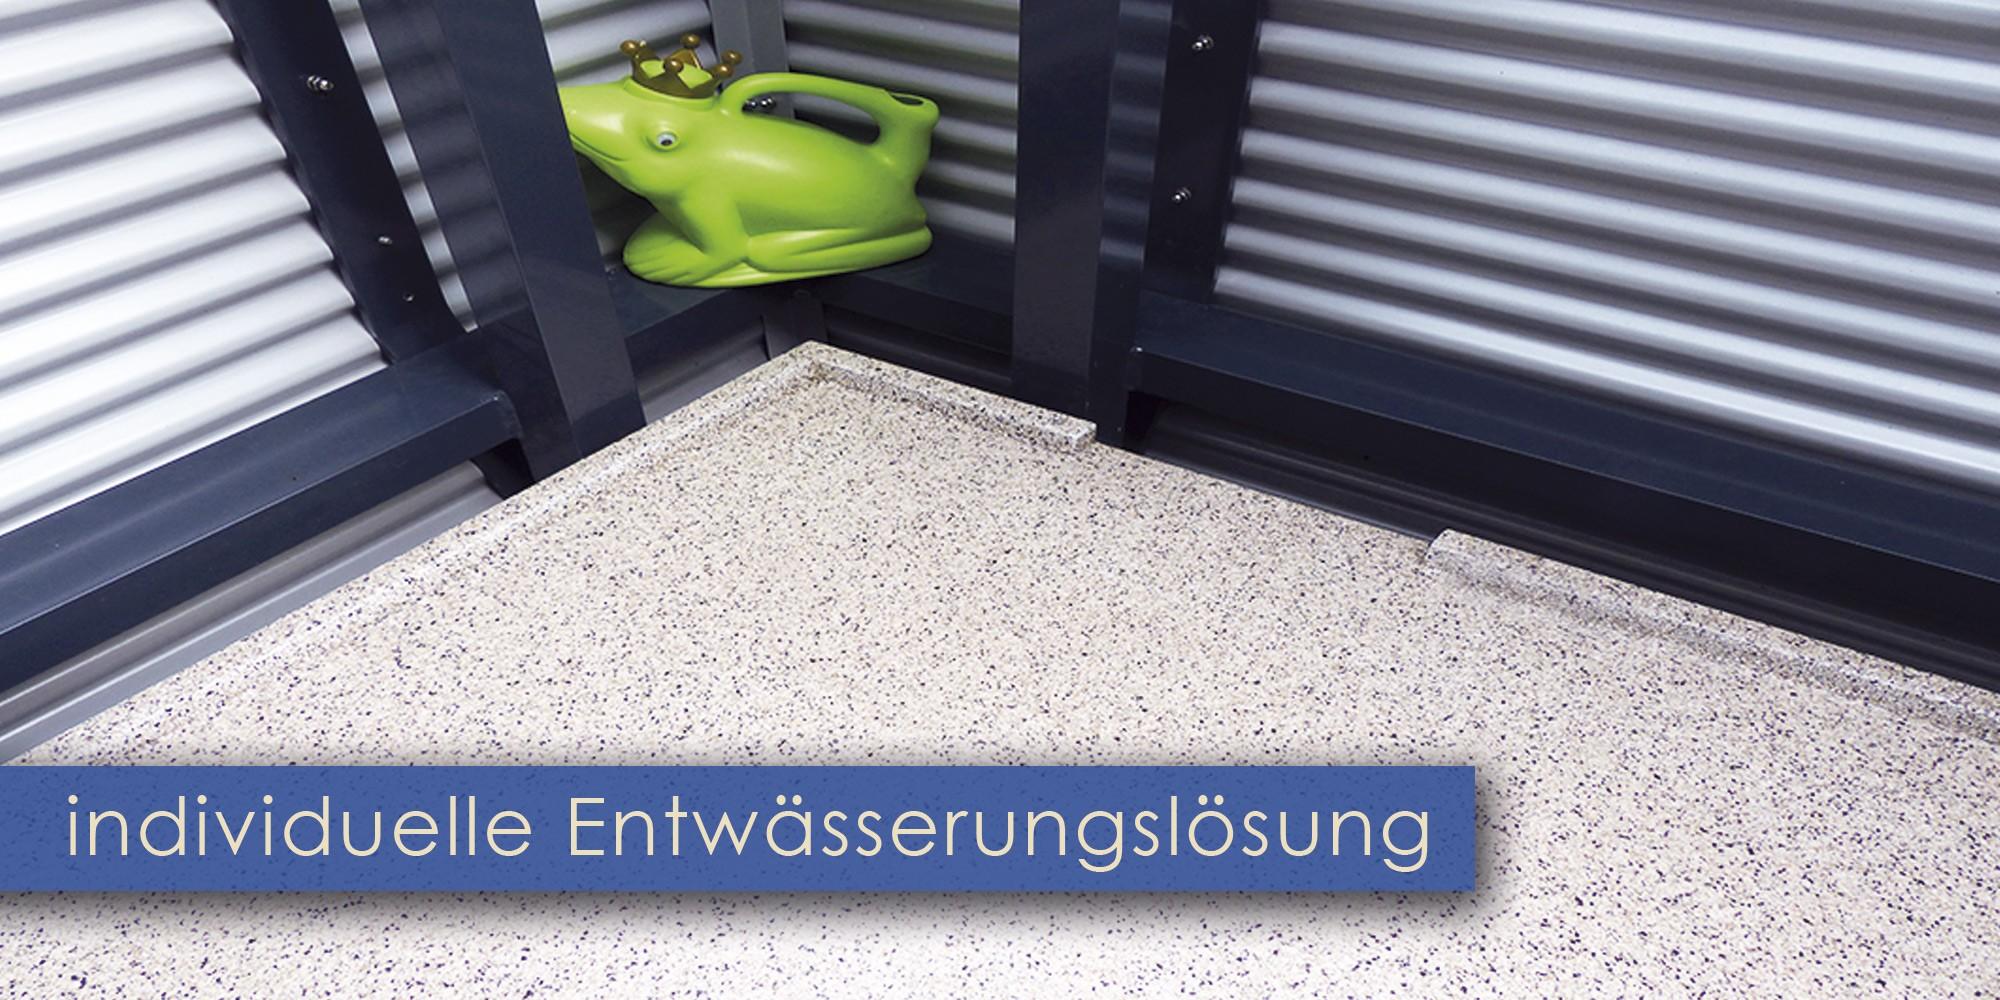 Turbo Mineralit - Balkonbelag wasserdicht, verschleißfrei & individuell ZU33